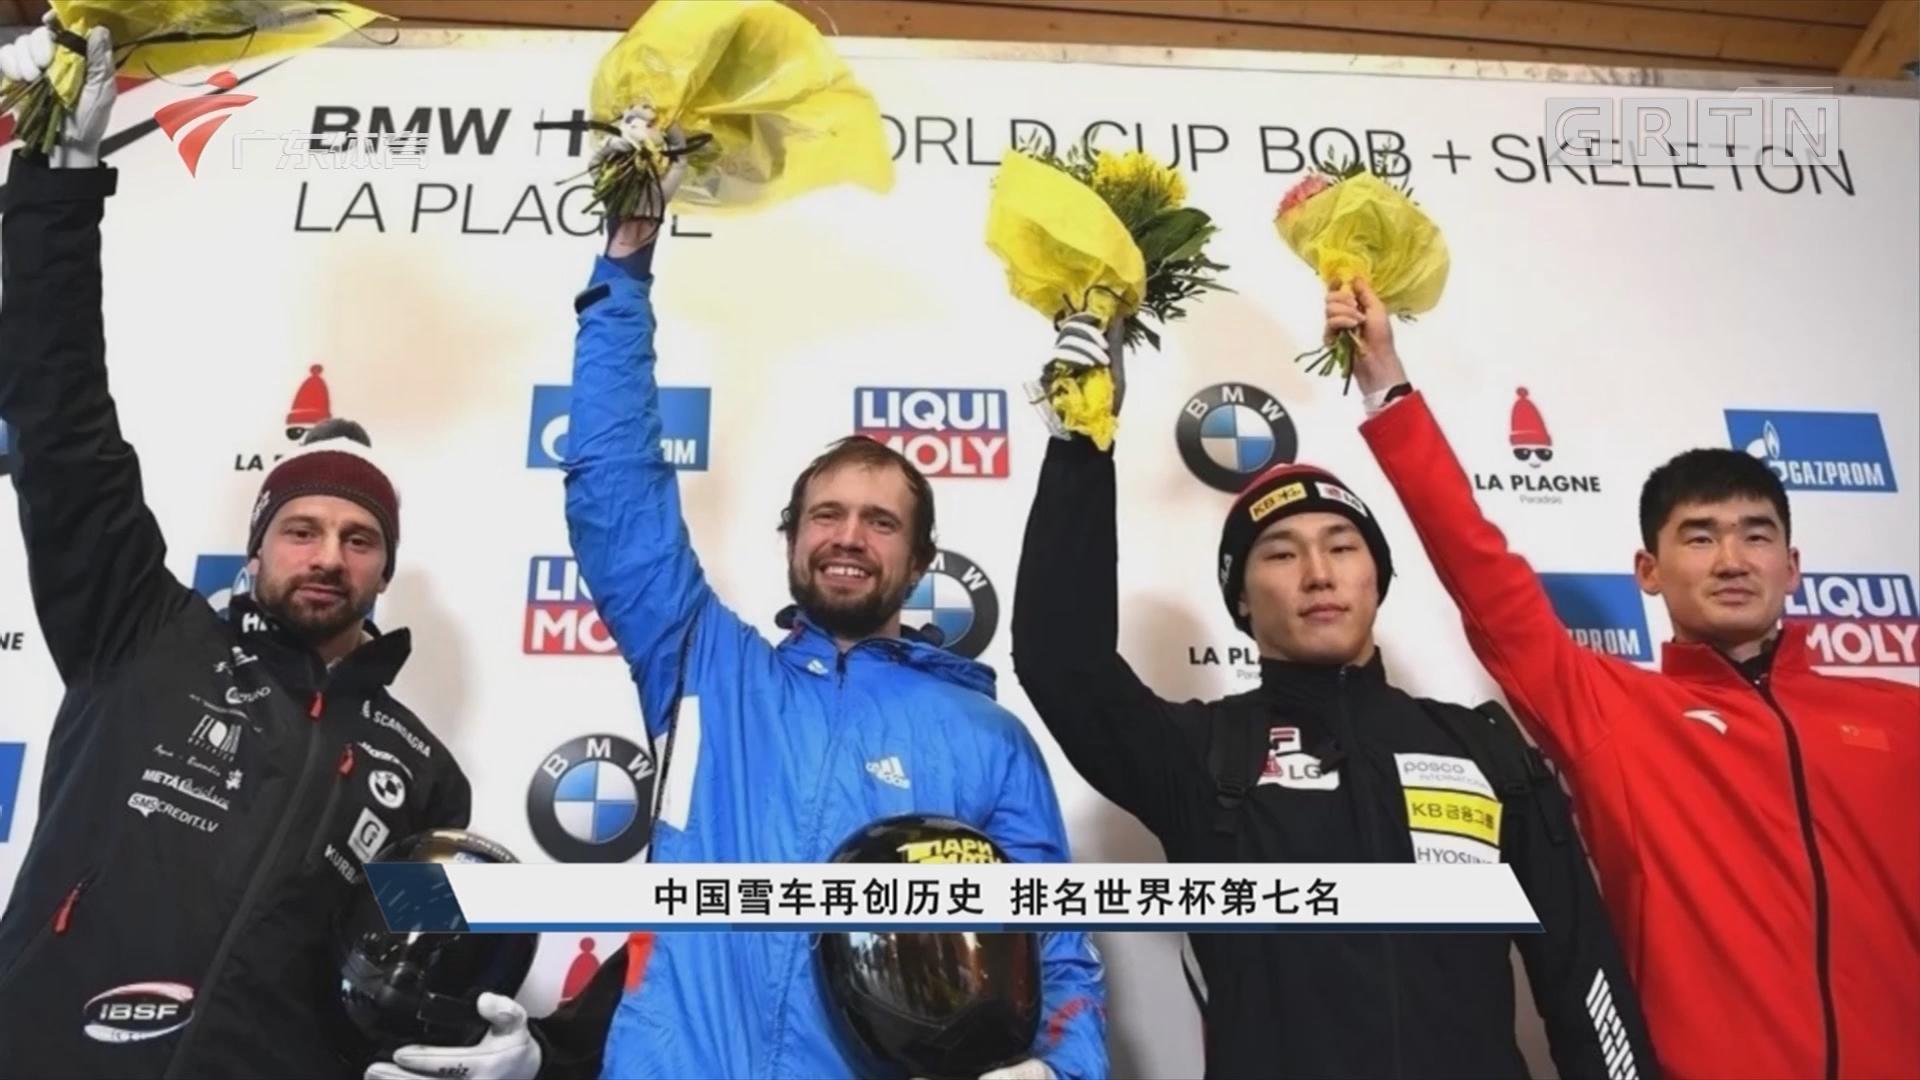 中国雪车再创历史 排名世界杯第七名